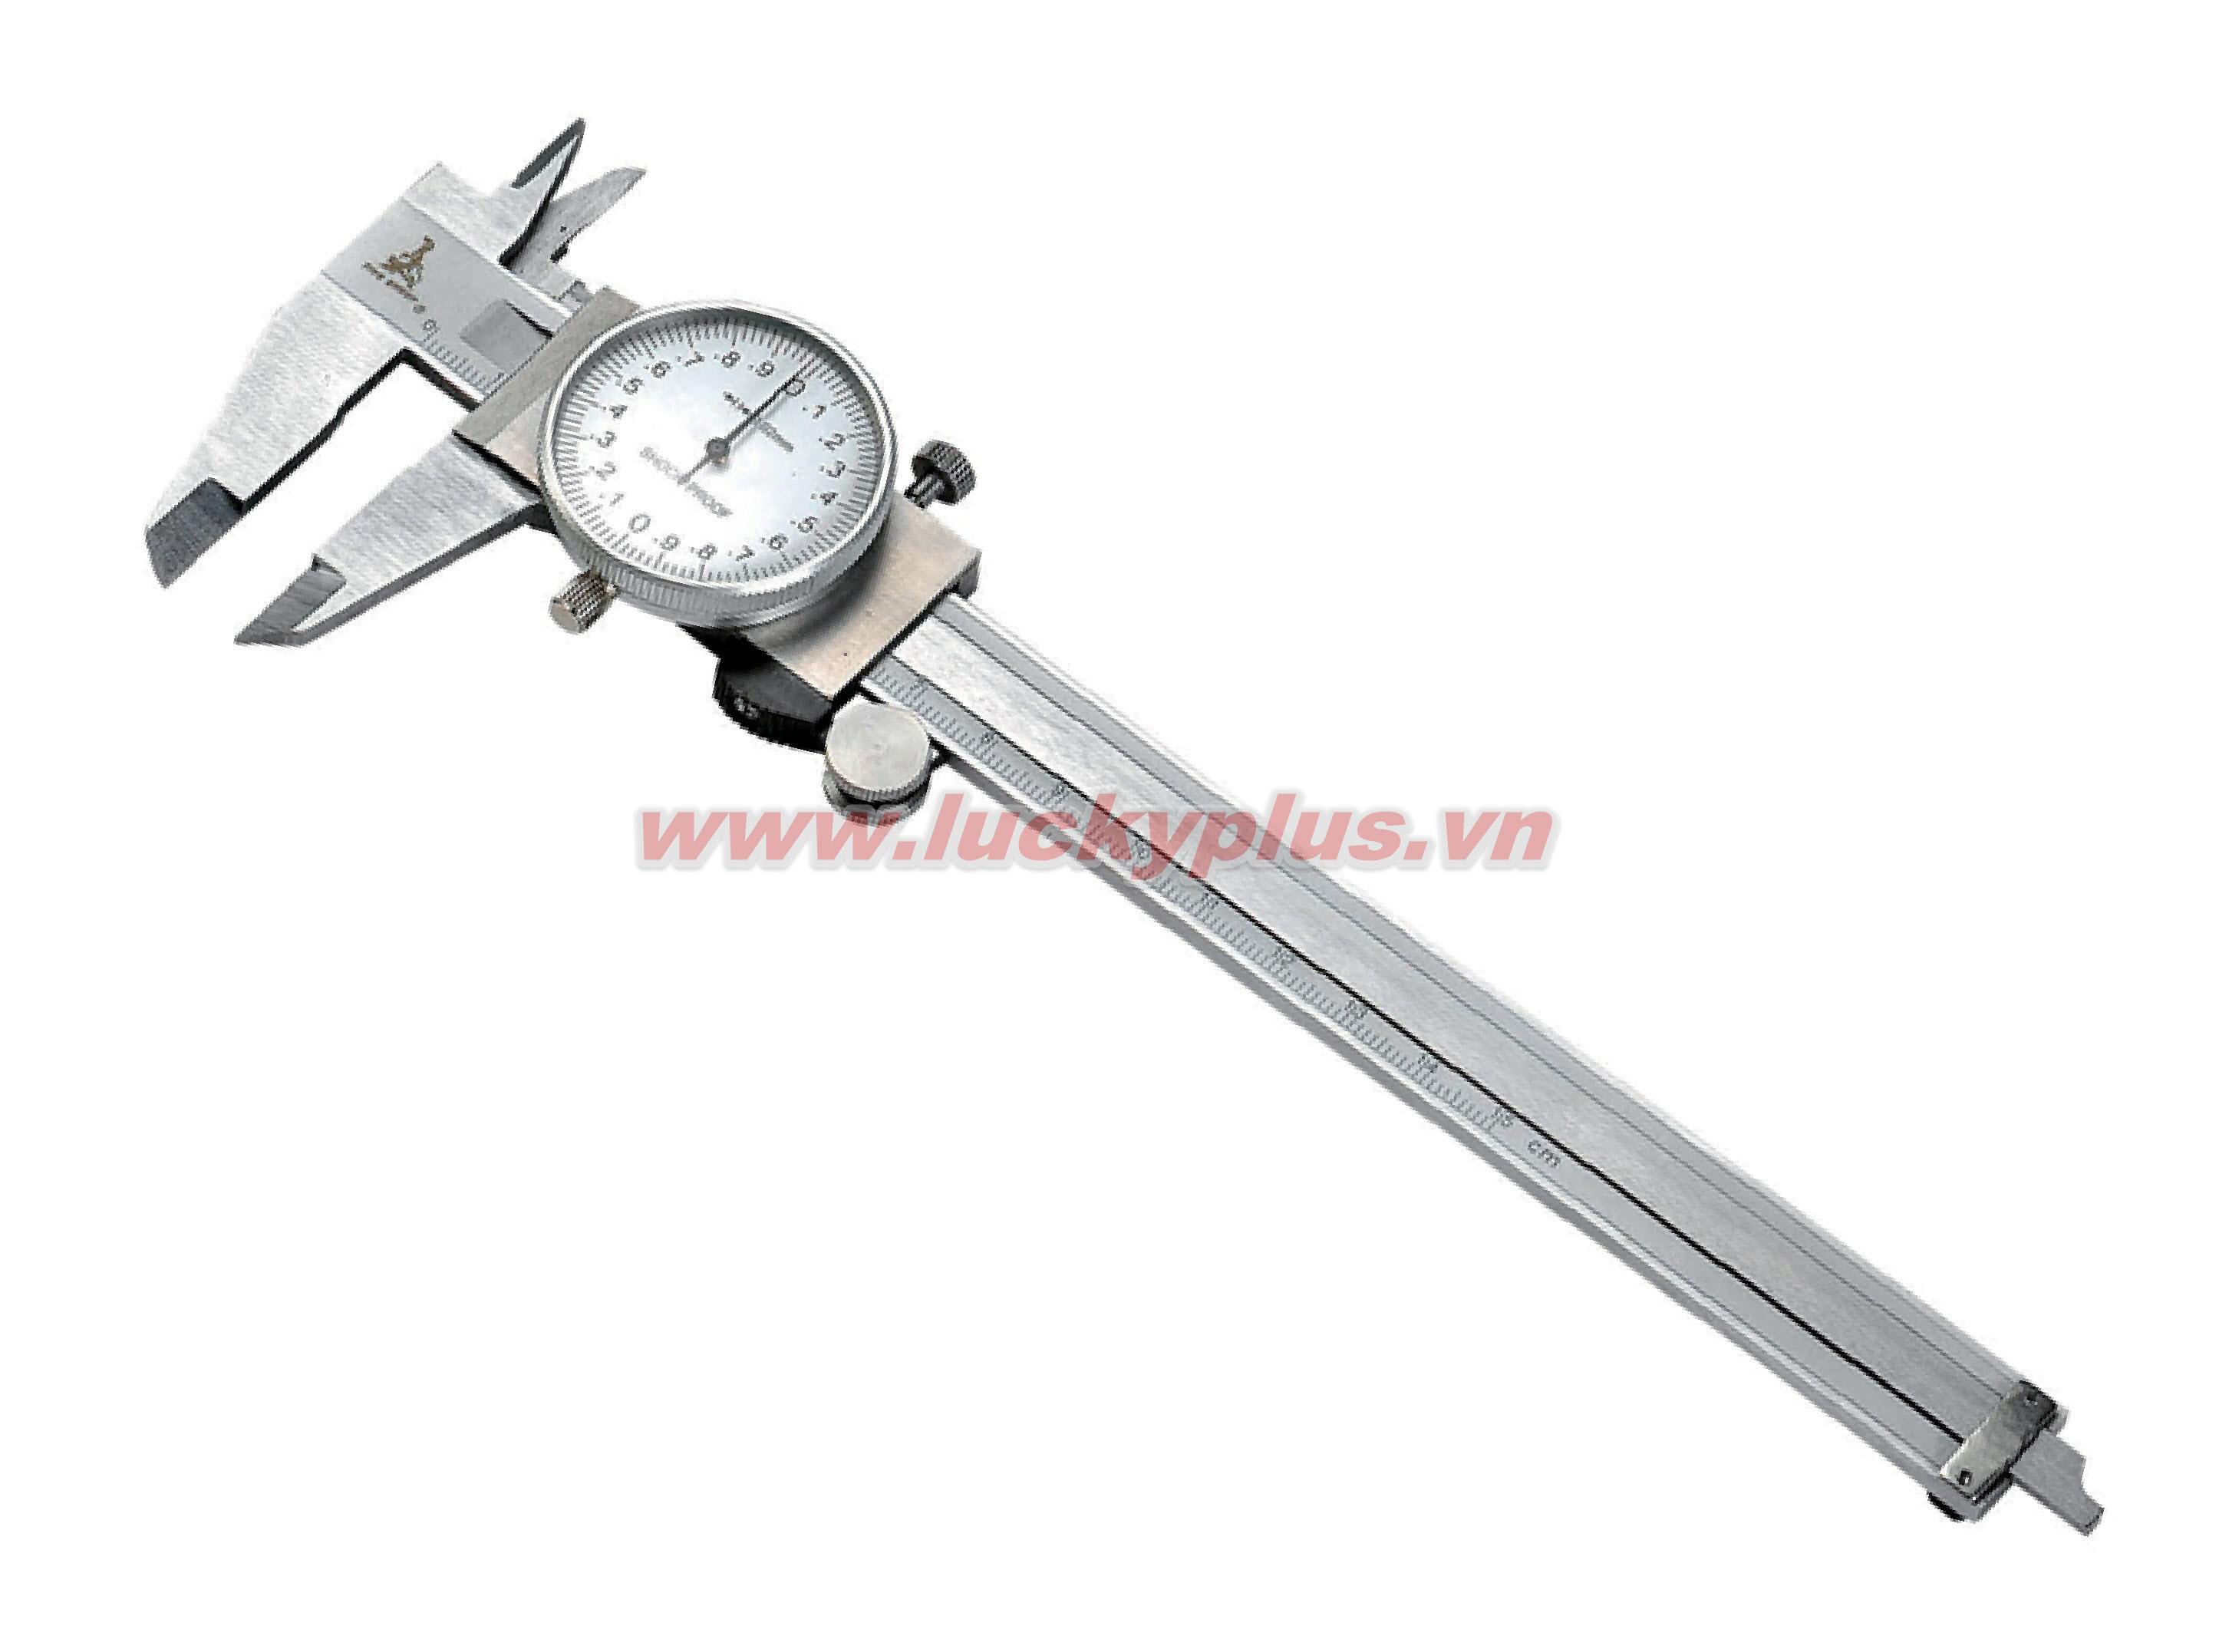 Thước kẹp quay số FiveSheep FS-0607 0-150mm, FS-0608 0-200mm